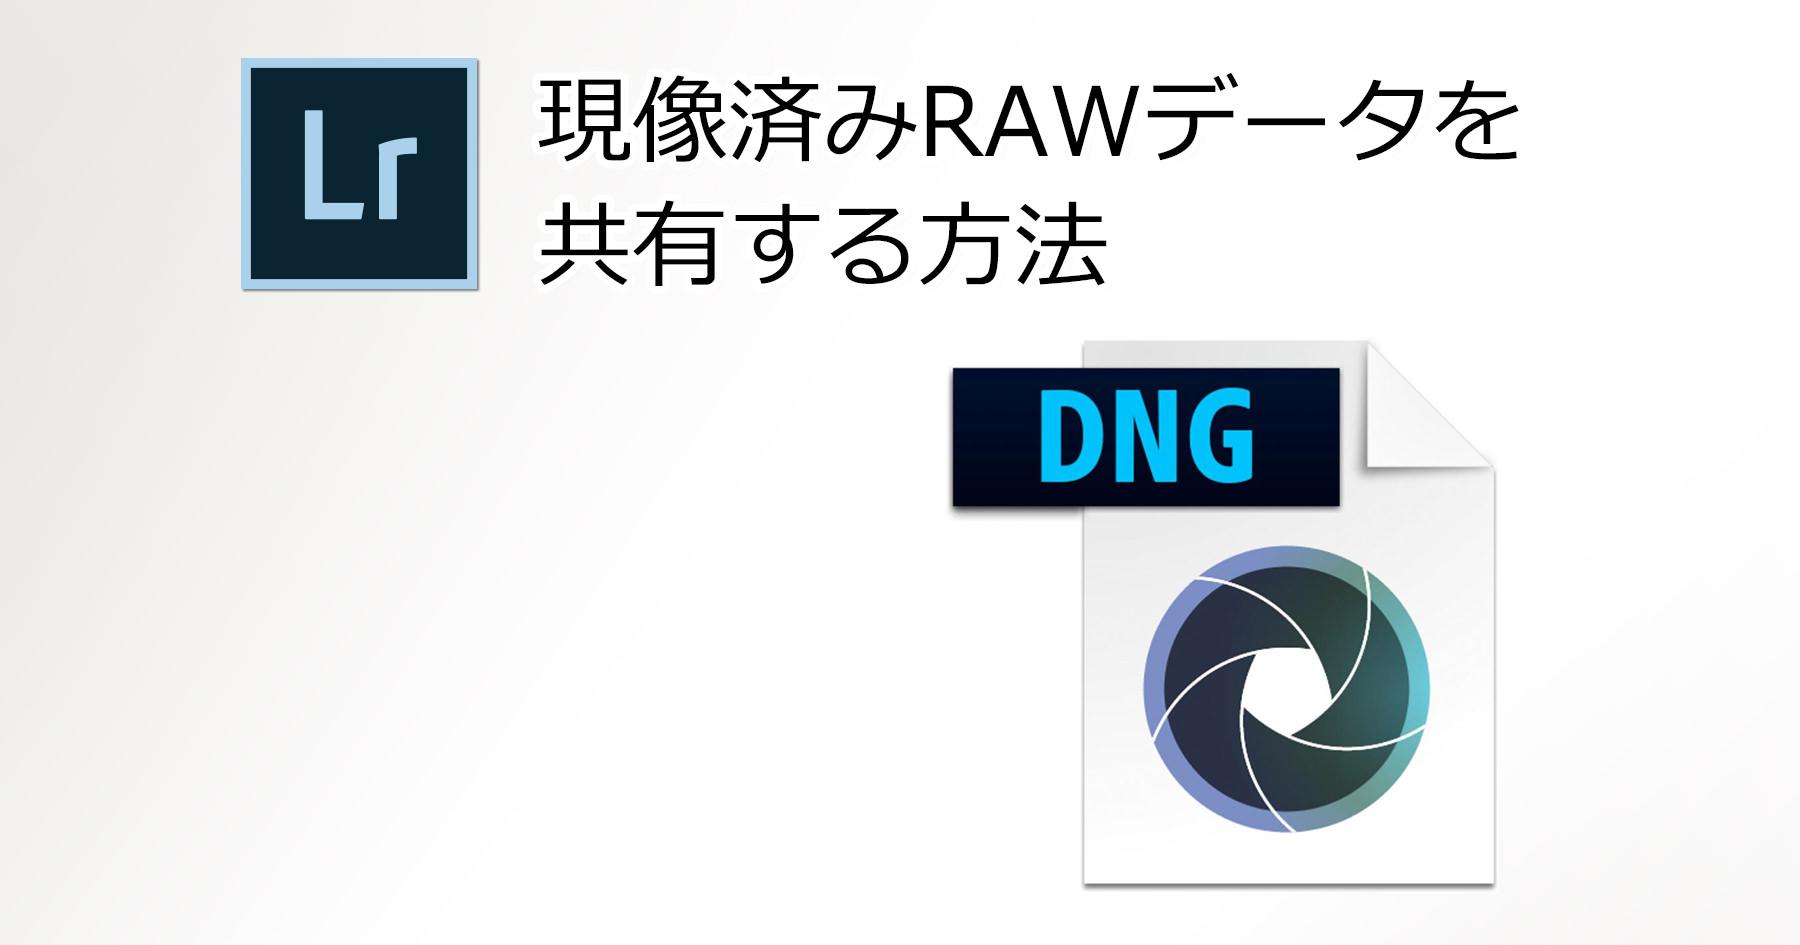 現像済みRAWデータを共有する方法-Main